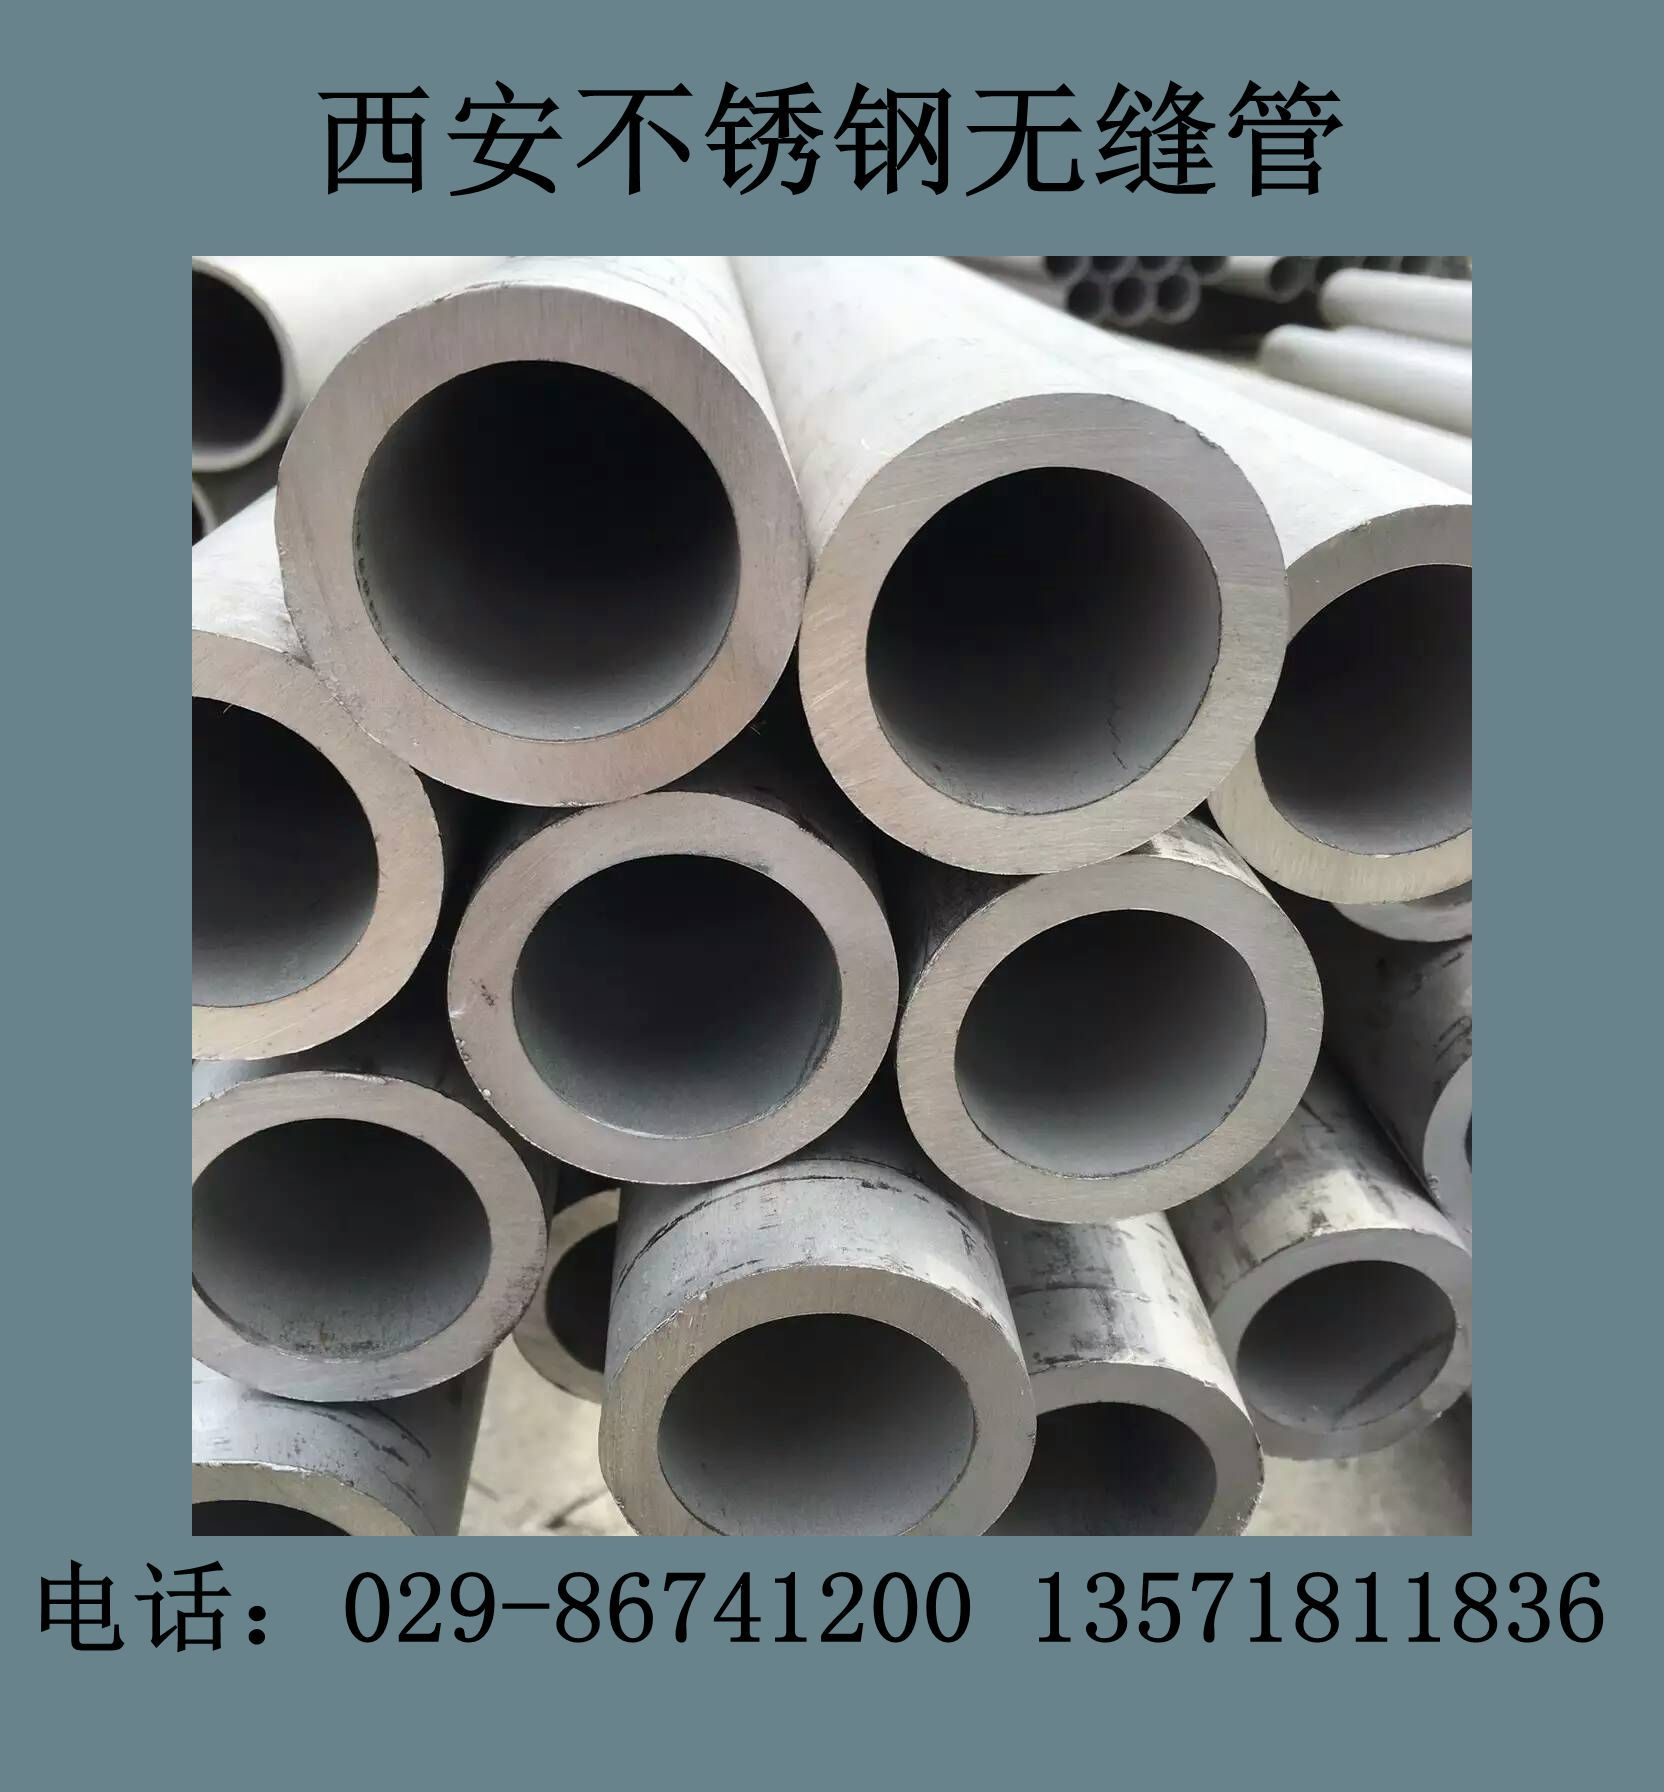 庫爾勒不銹鋼管庫爾勒304不銹鋼管316不銹鋼管廠家直銷批發零售